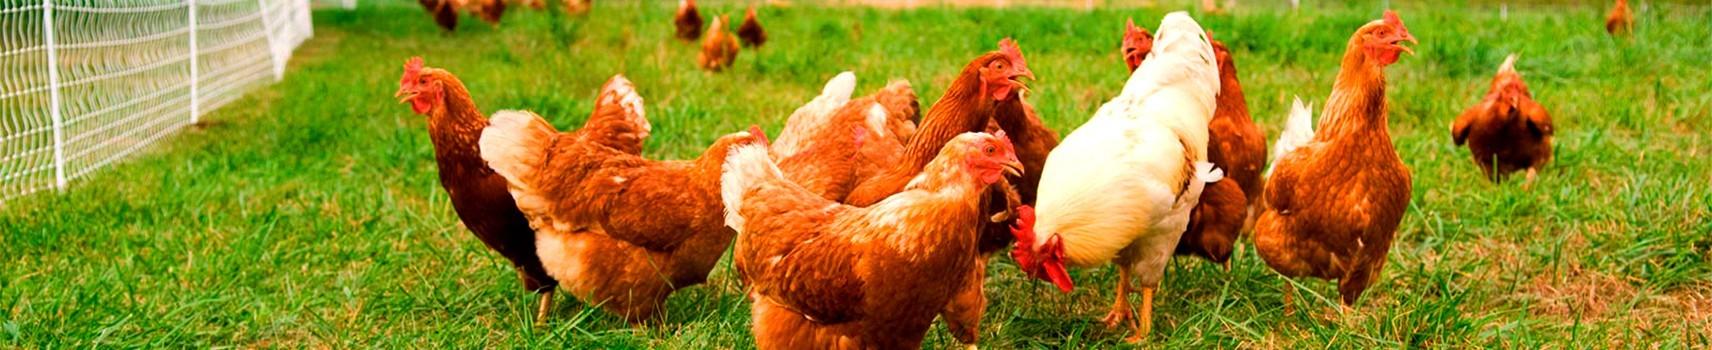 carne-de-pollo-sin-gluten-y-sin-lactosa-para-celiaco